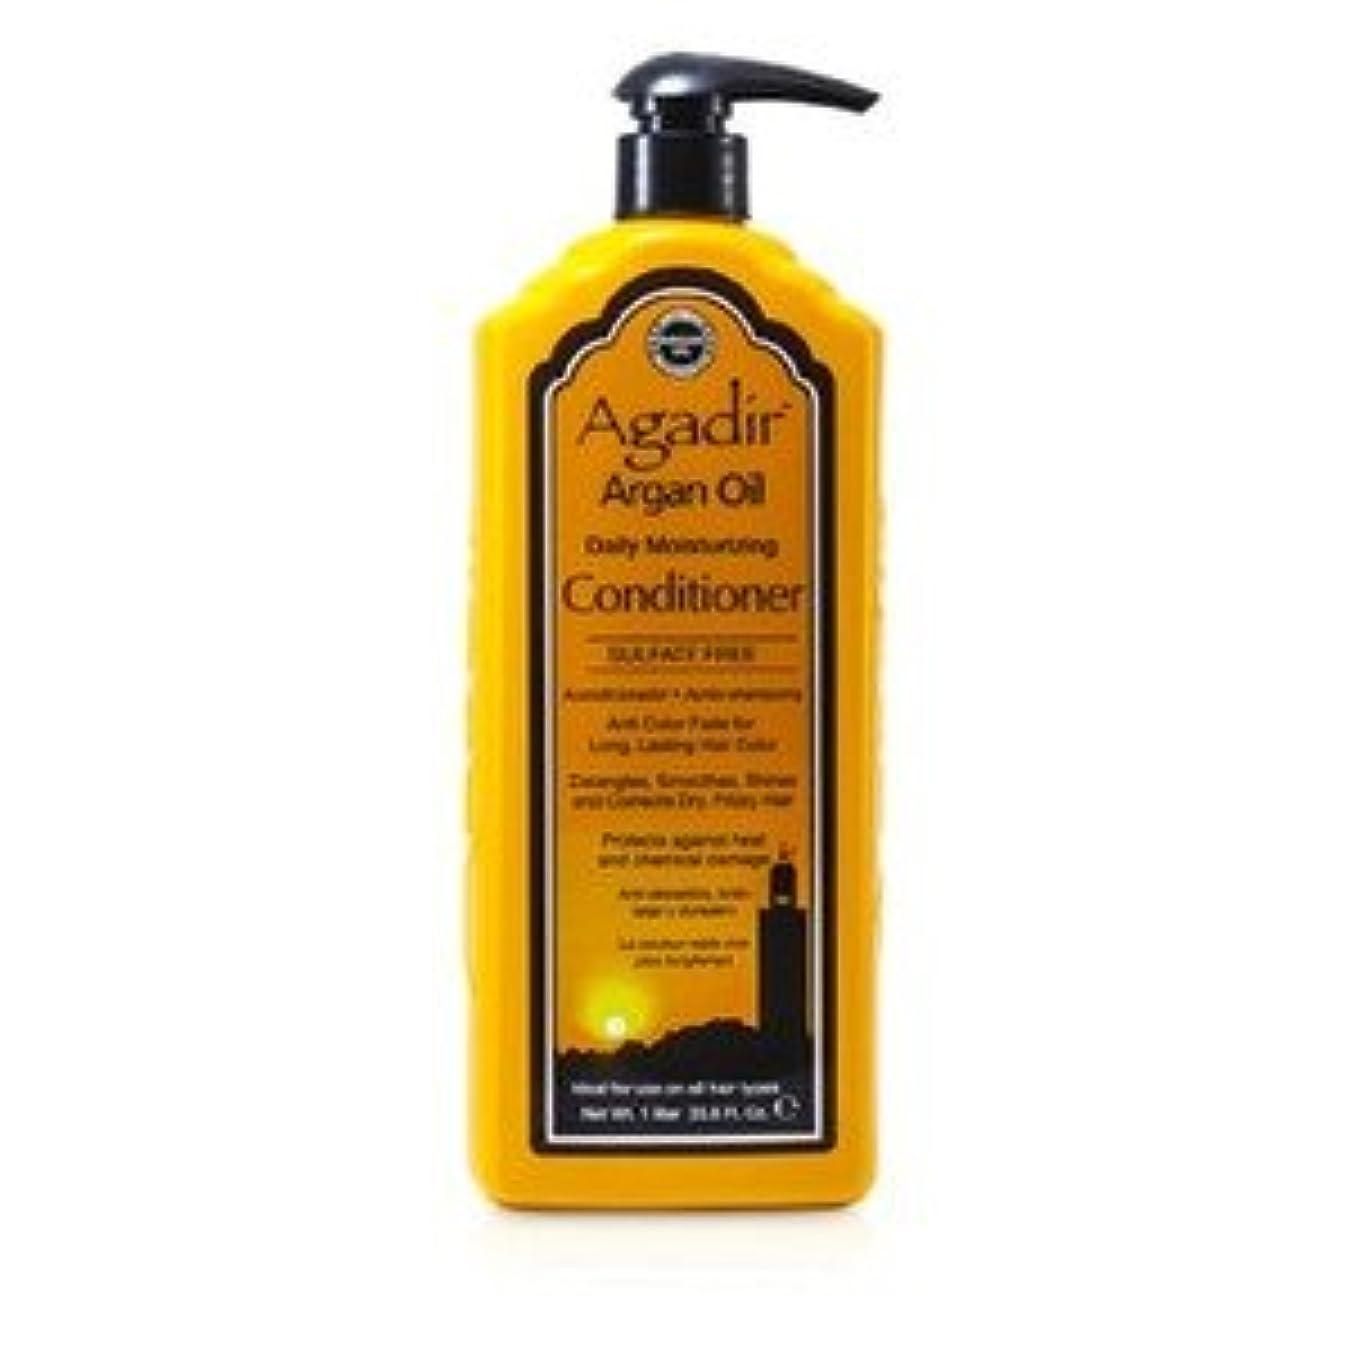 不屈ヘッジ引っ張るアガディール(Agadir) デイリー モイスチャライジング コンディショナー(全ての髪質へ) 1000ml/33.8oz [並行輸入品]